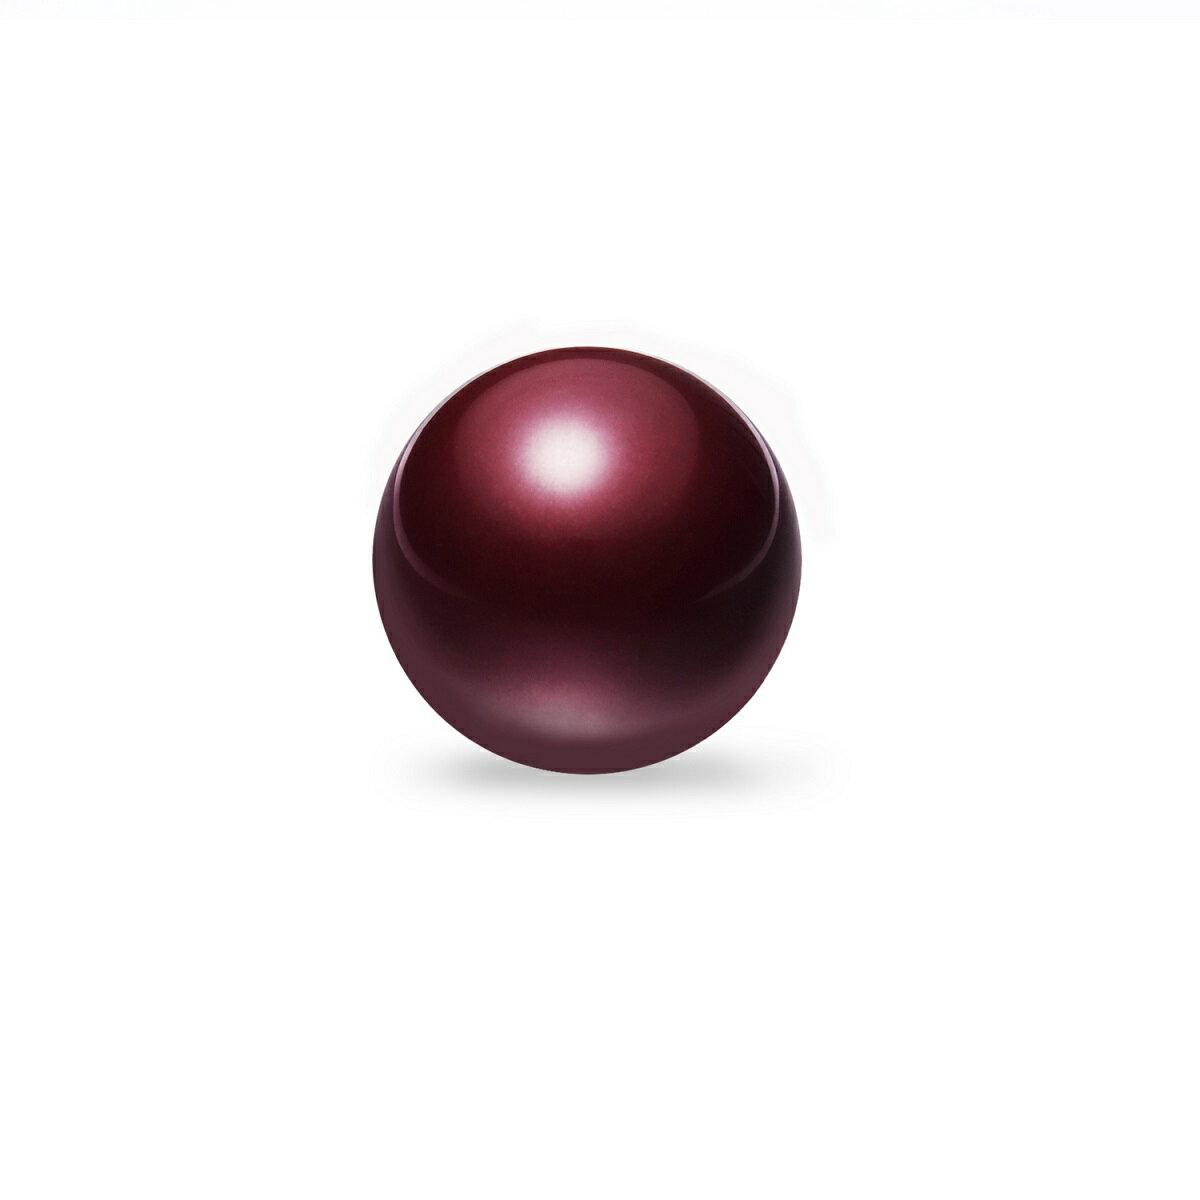 5021_18020 ぺリックス PERIPRO-303MR 34mm トラックボール マット仕上げ 艶消し加工 コントロール型 M570トラックボールと互換性有【正規保証品】Perixx